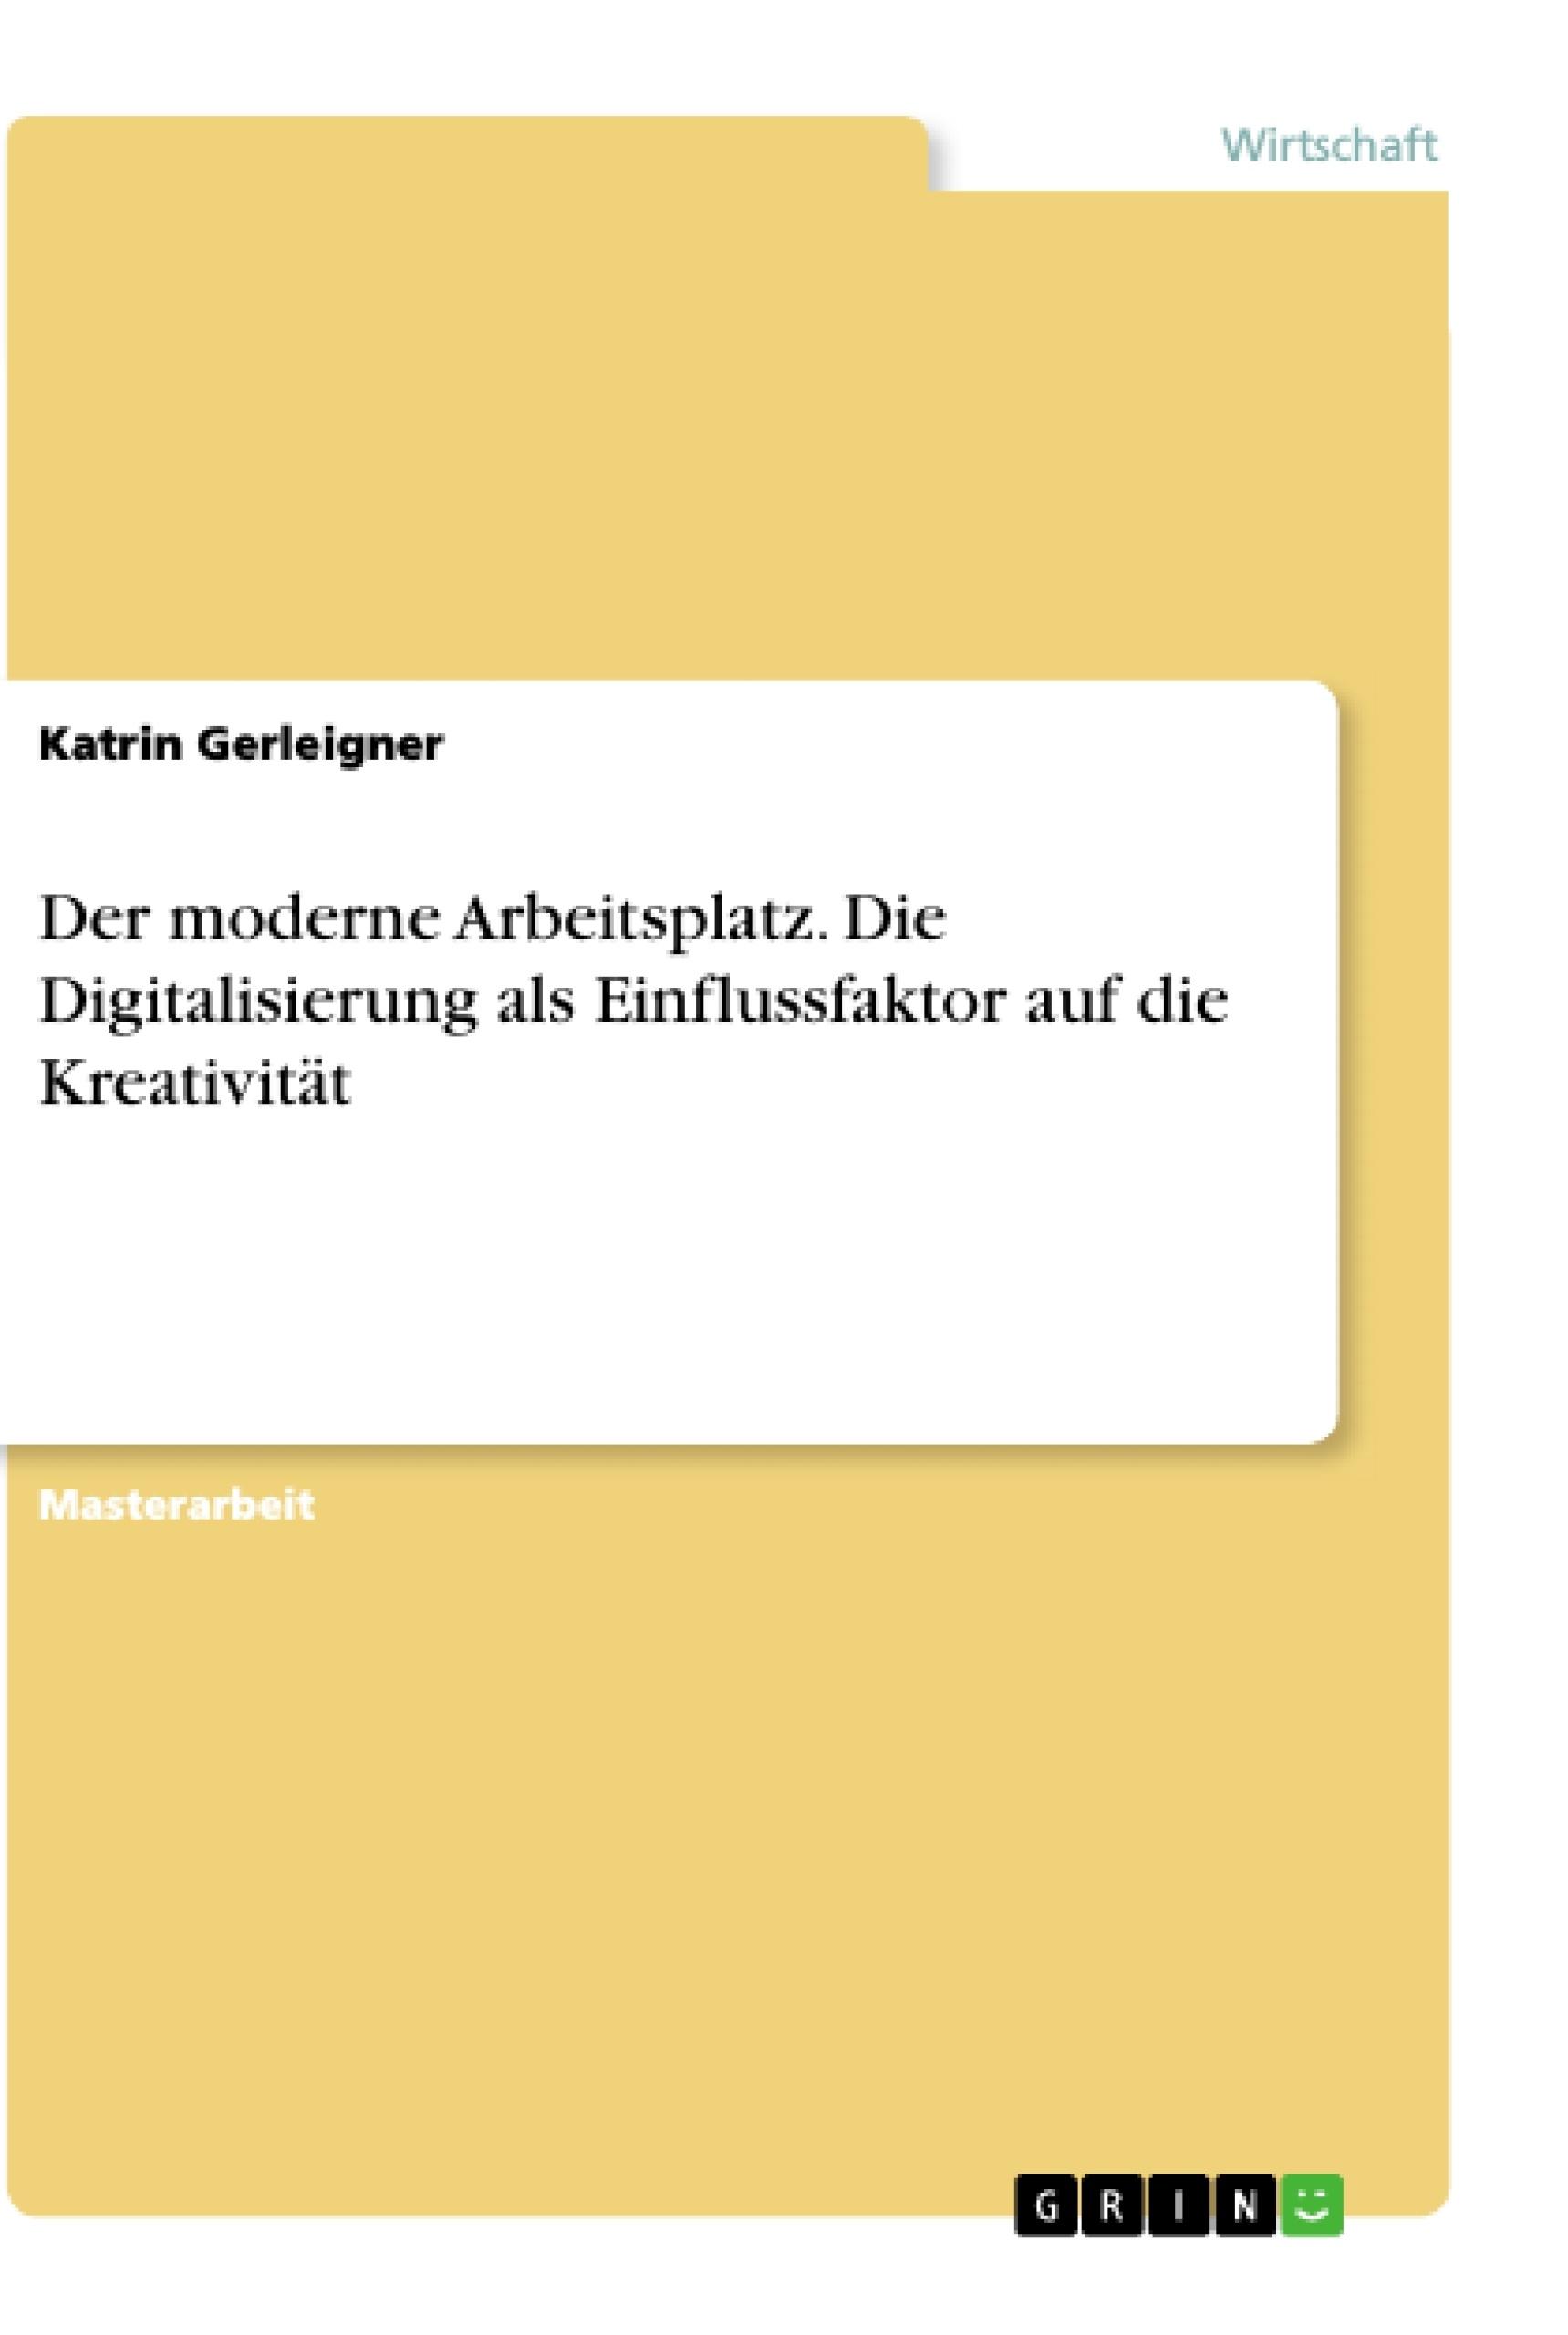 Titel: Der moderne Arbeitsplatz. Die Digitalisierung als Einflussfaktor auf die Kreativität